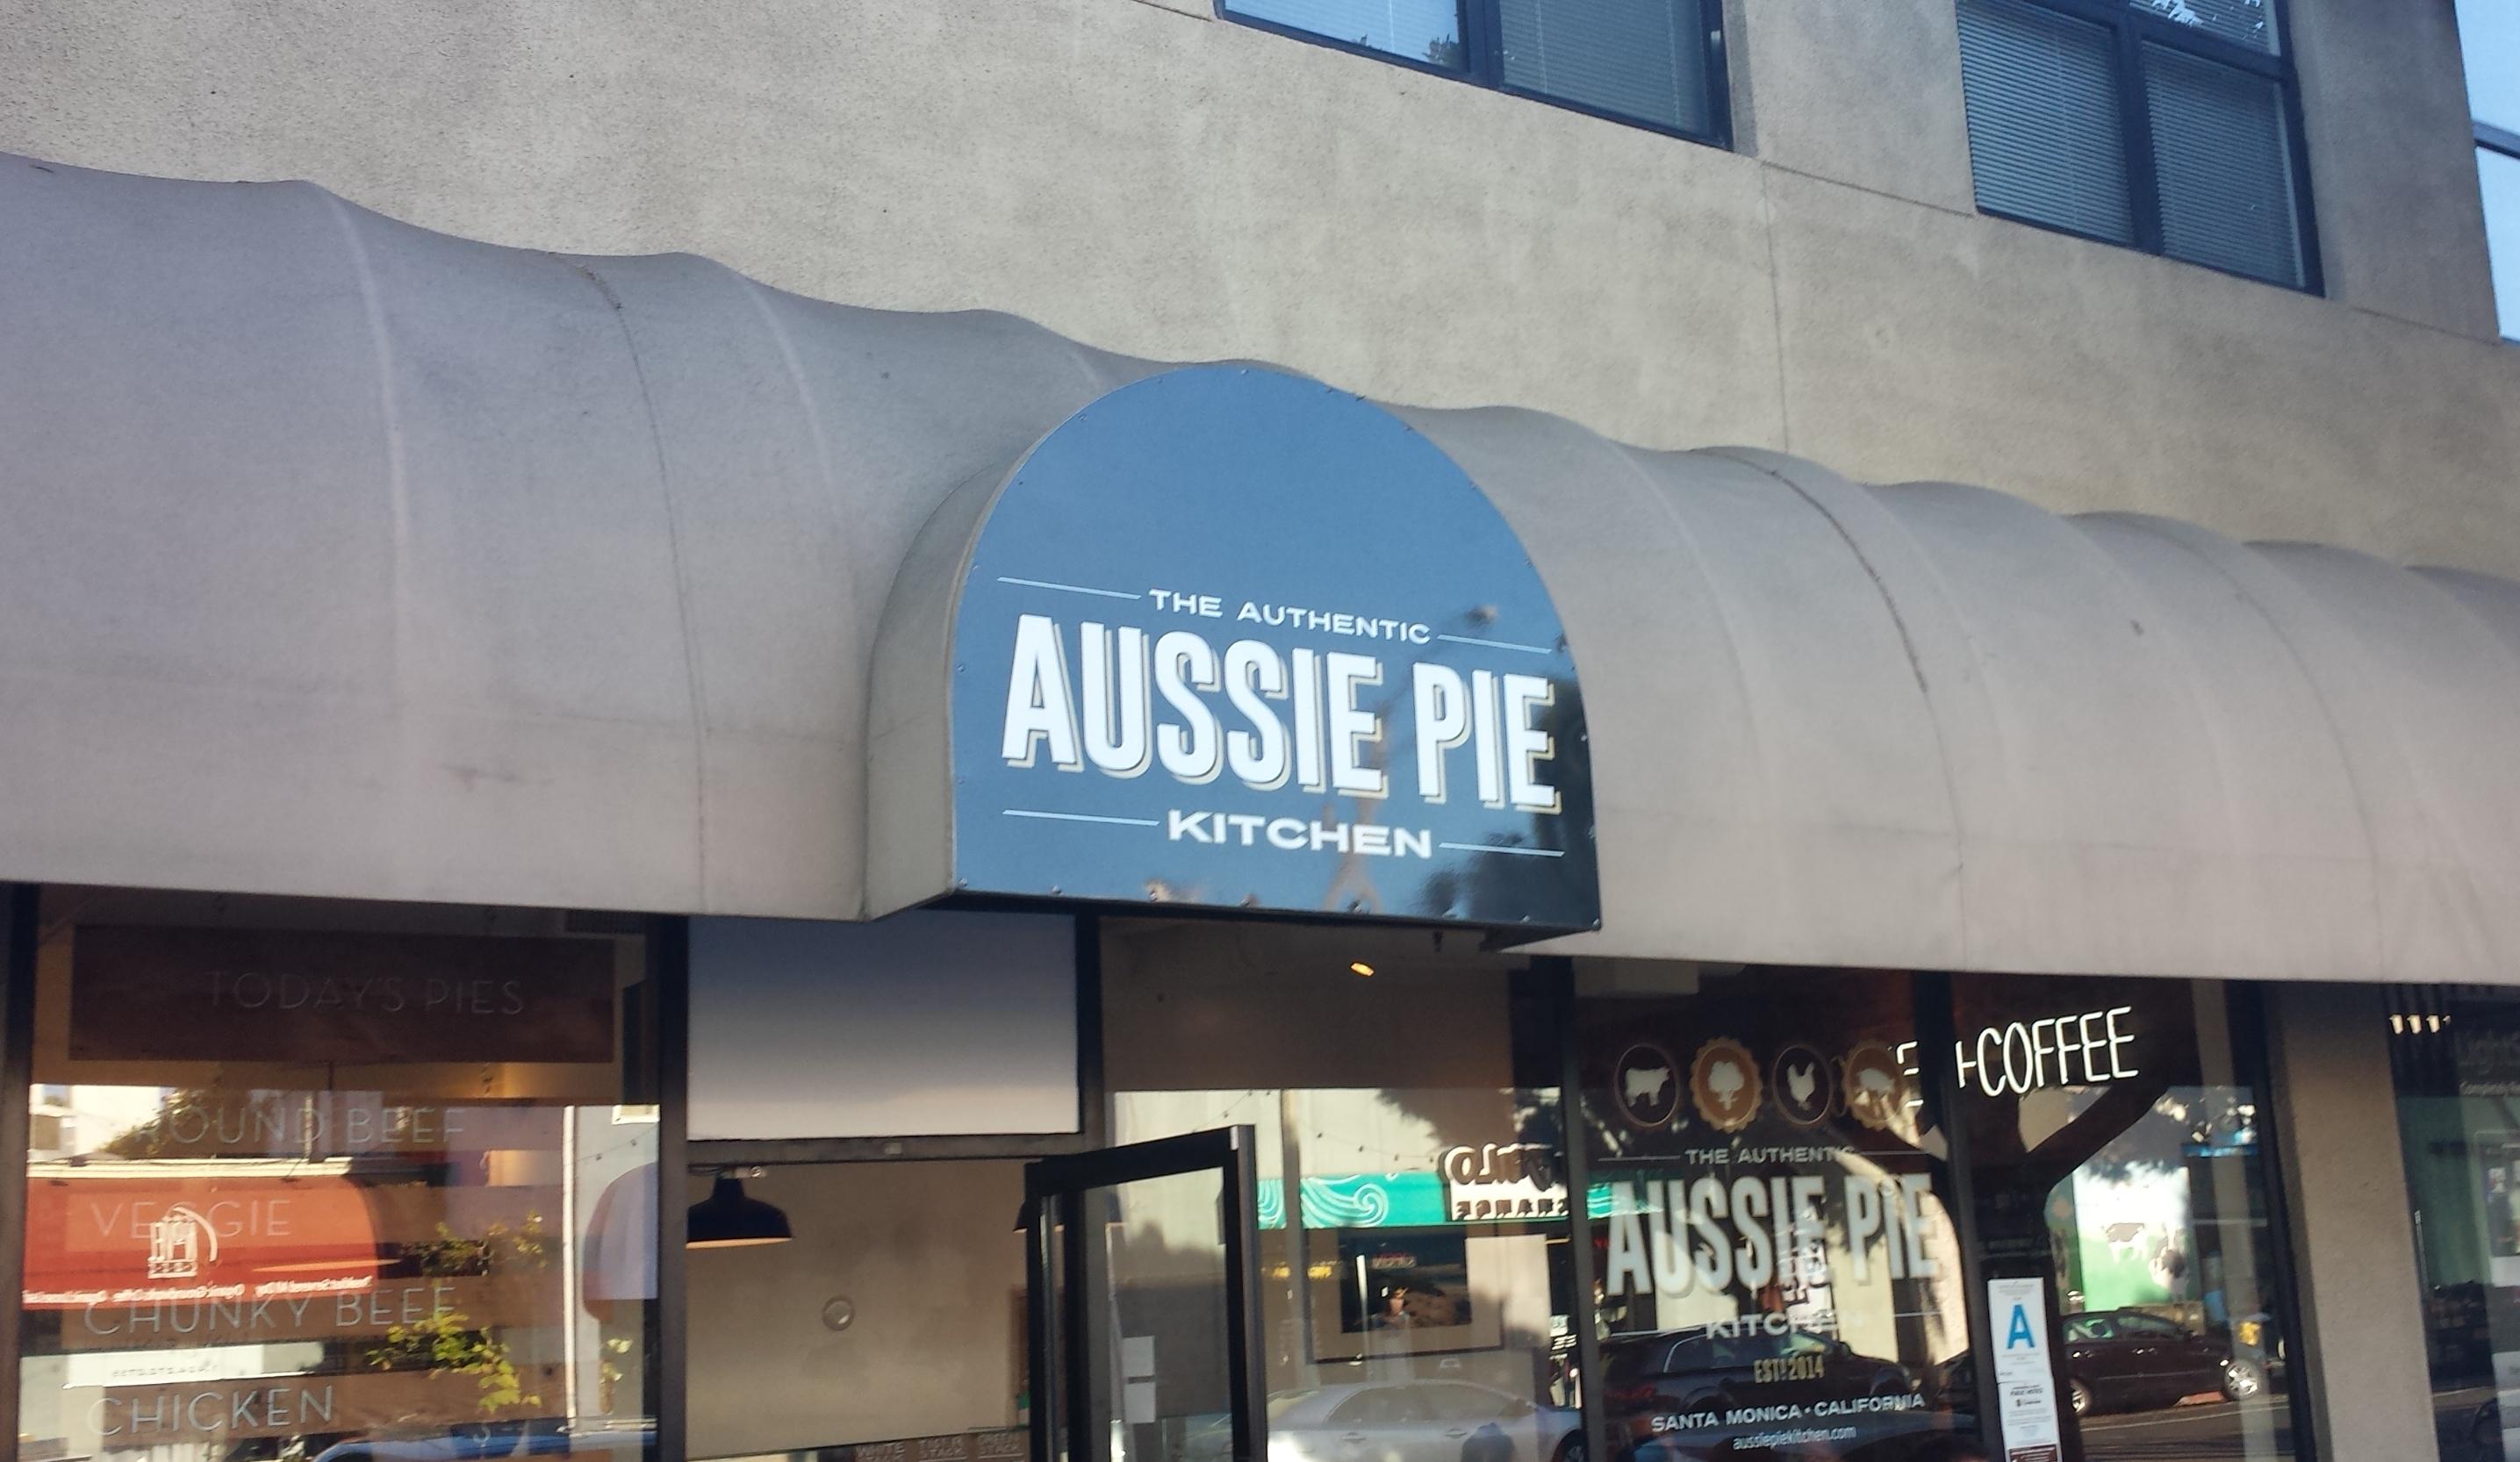 Aussie Pie Kitchen - Eater LA